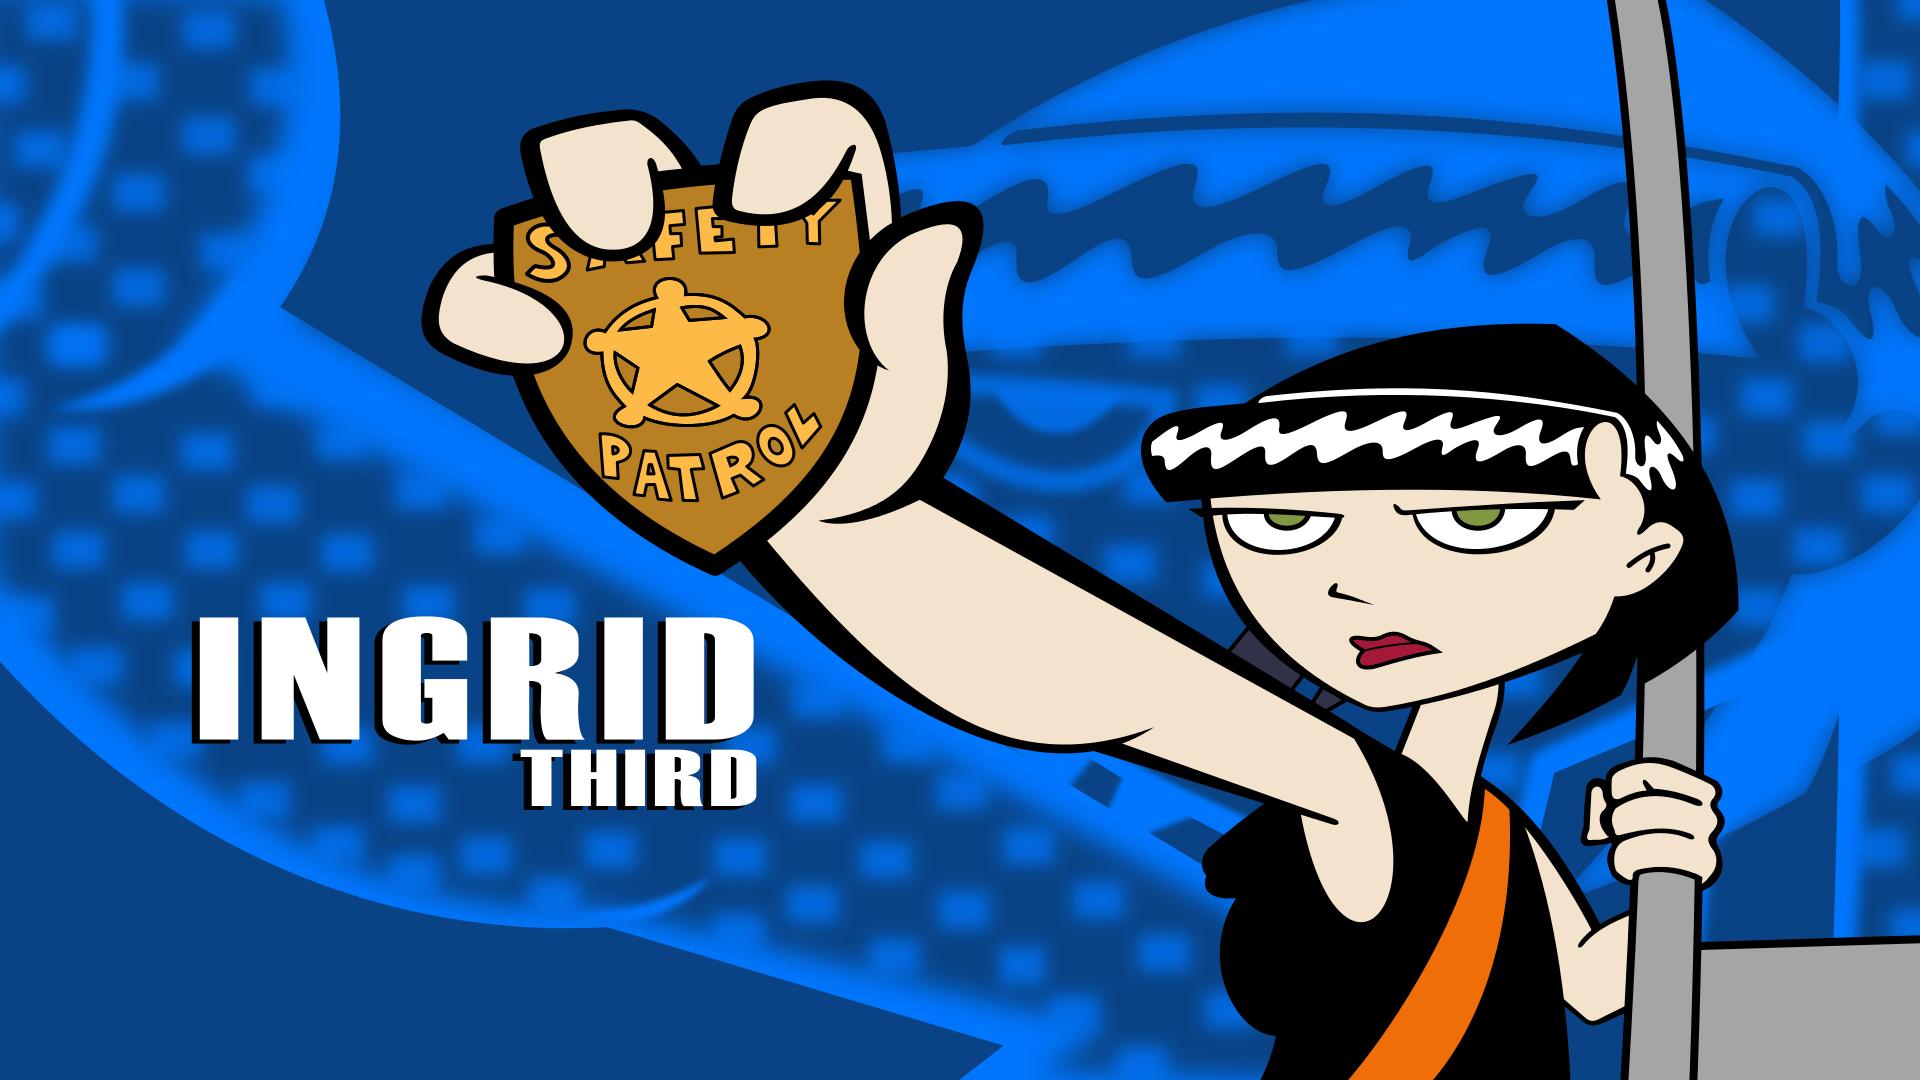 Ingrid Third